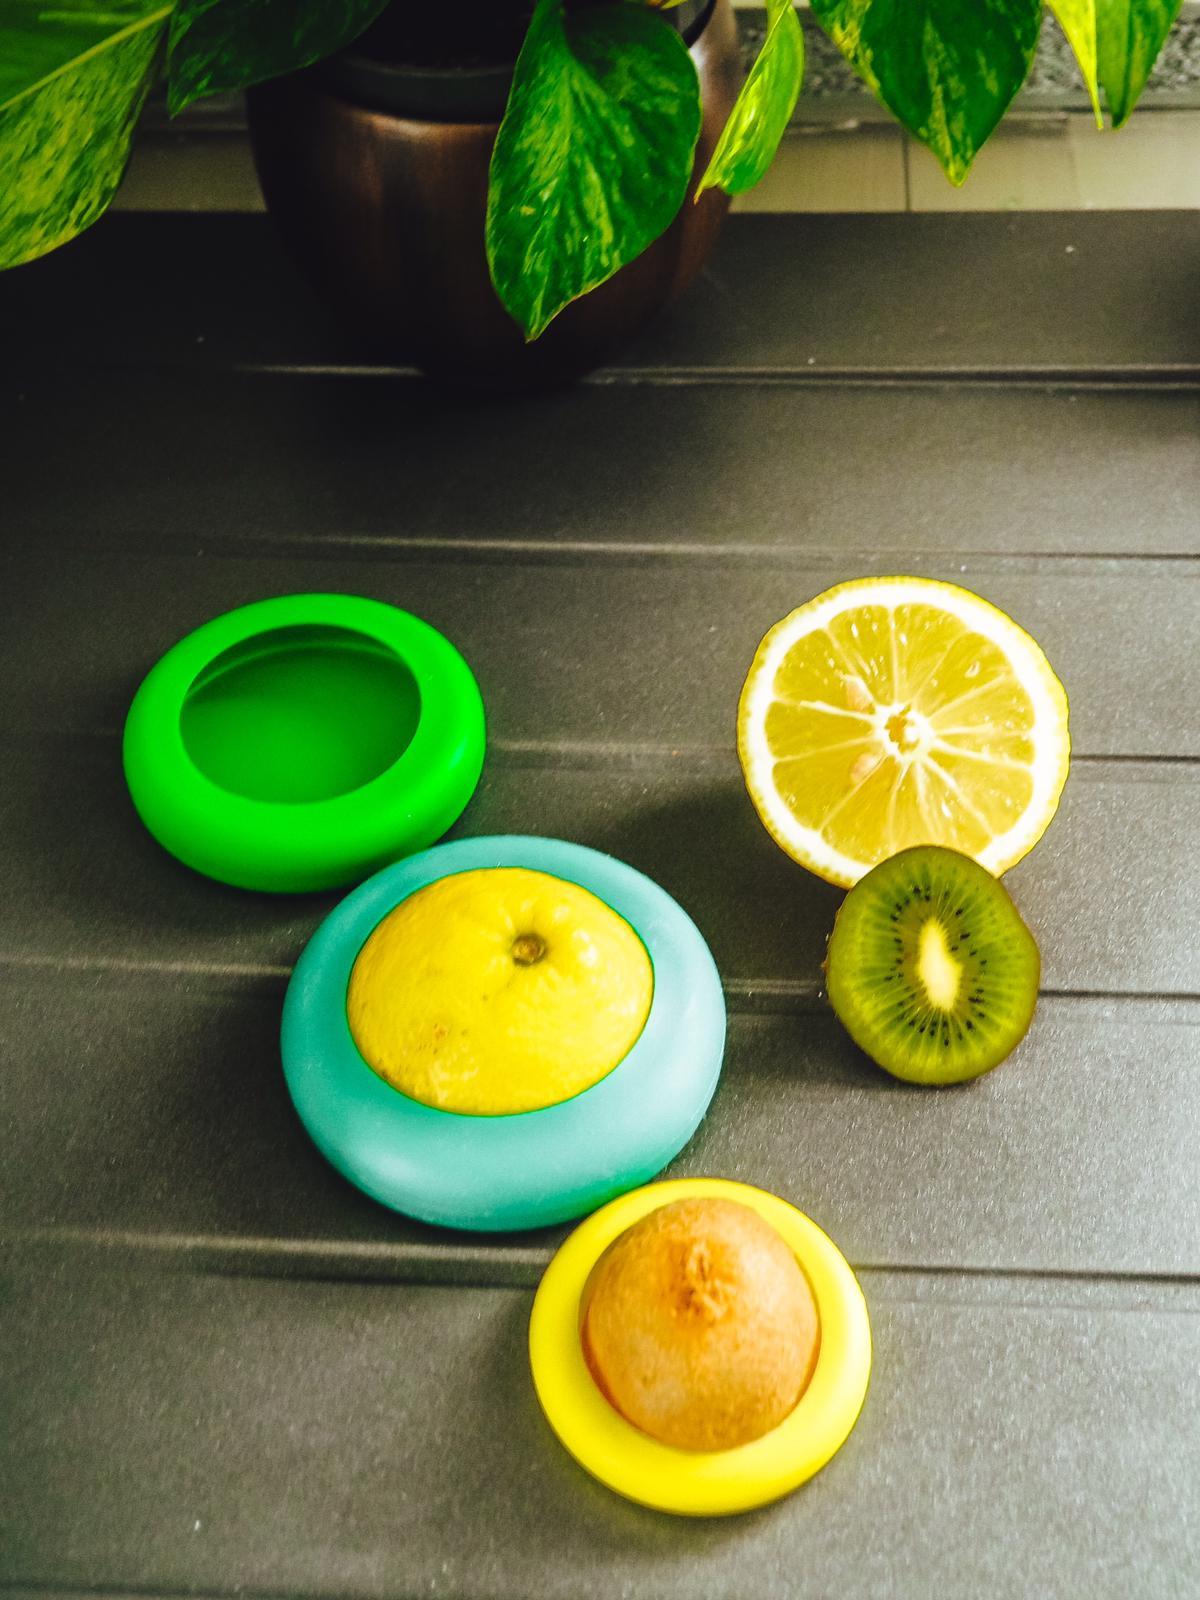 Obst- und Gemüse Hüte von Samebutgreen